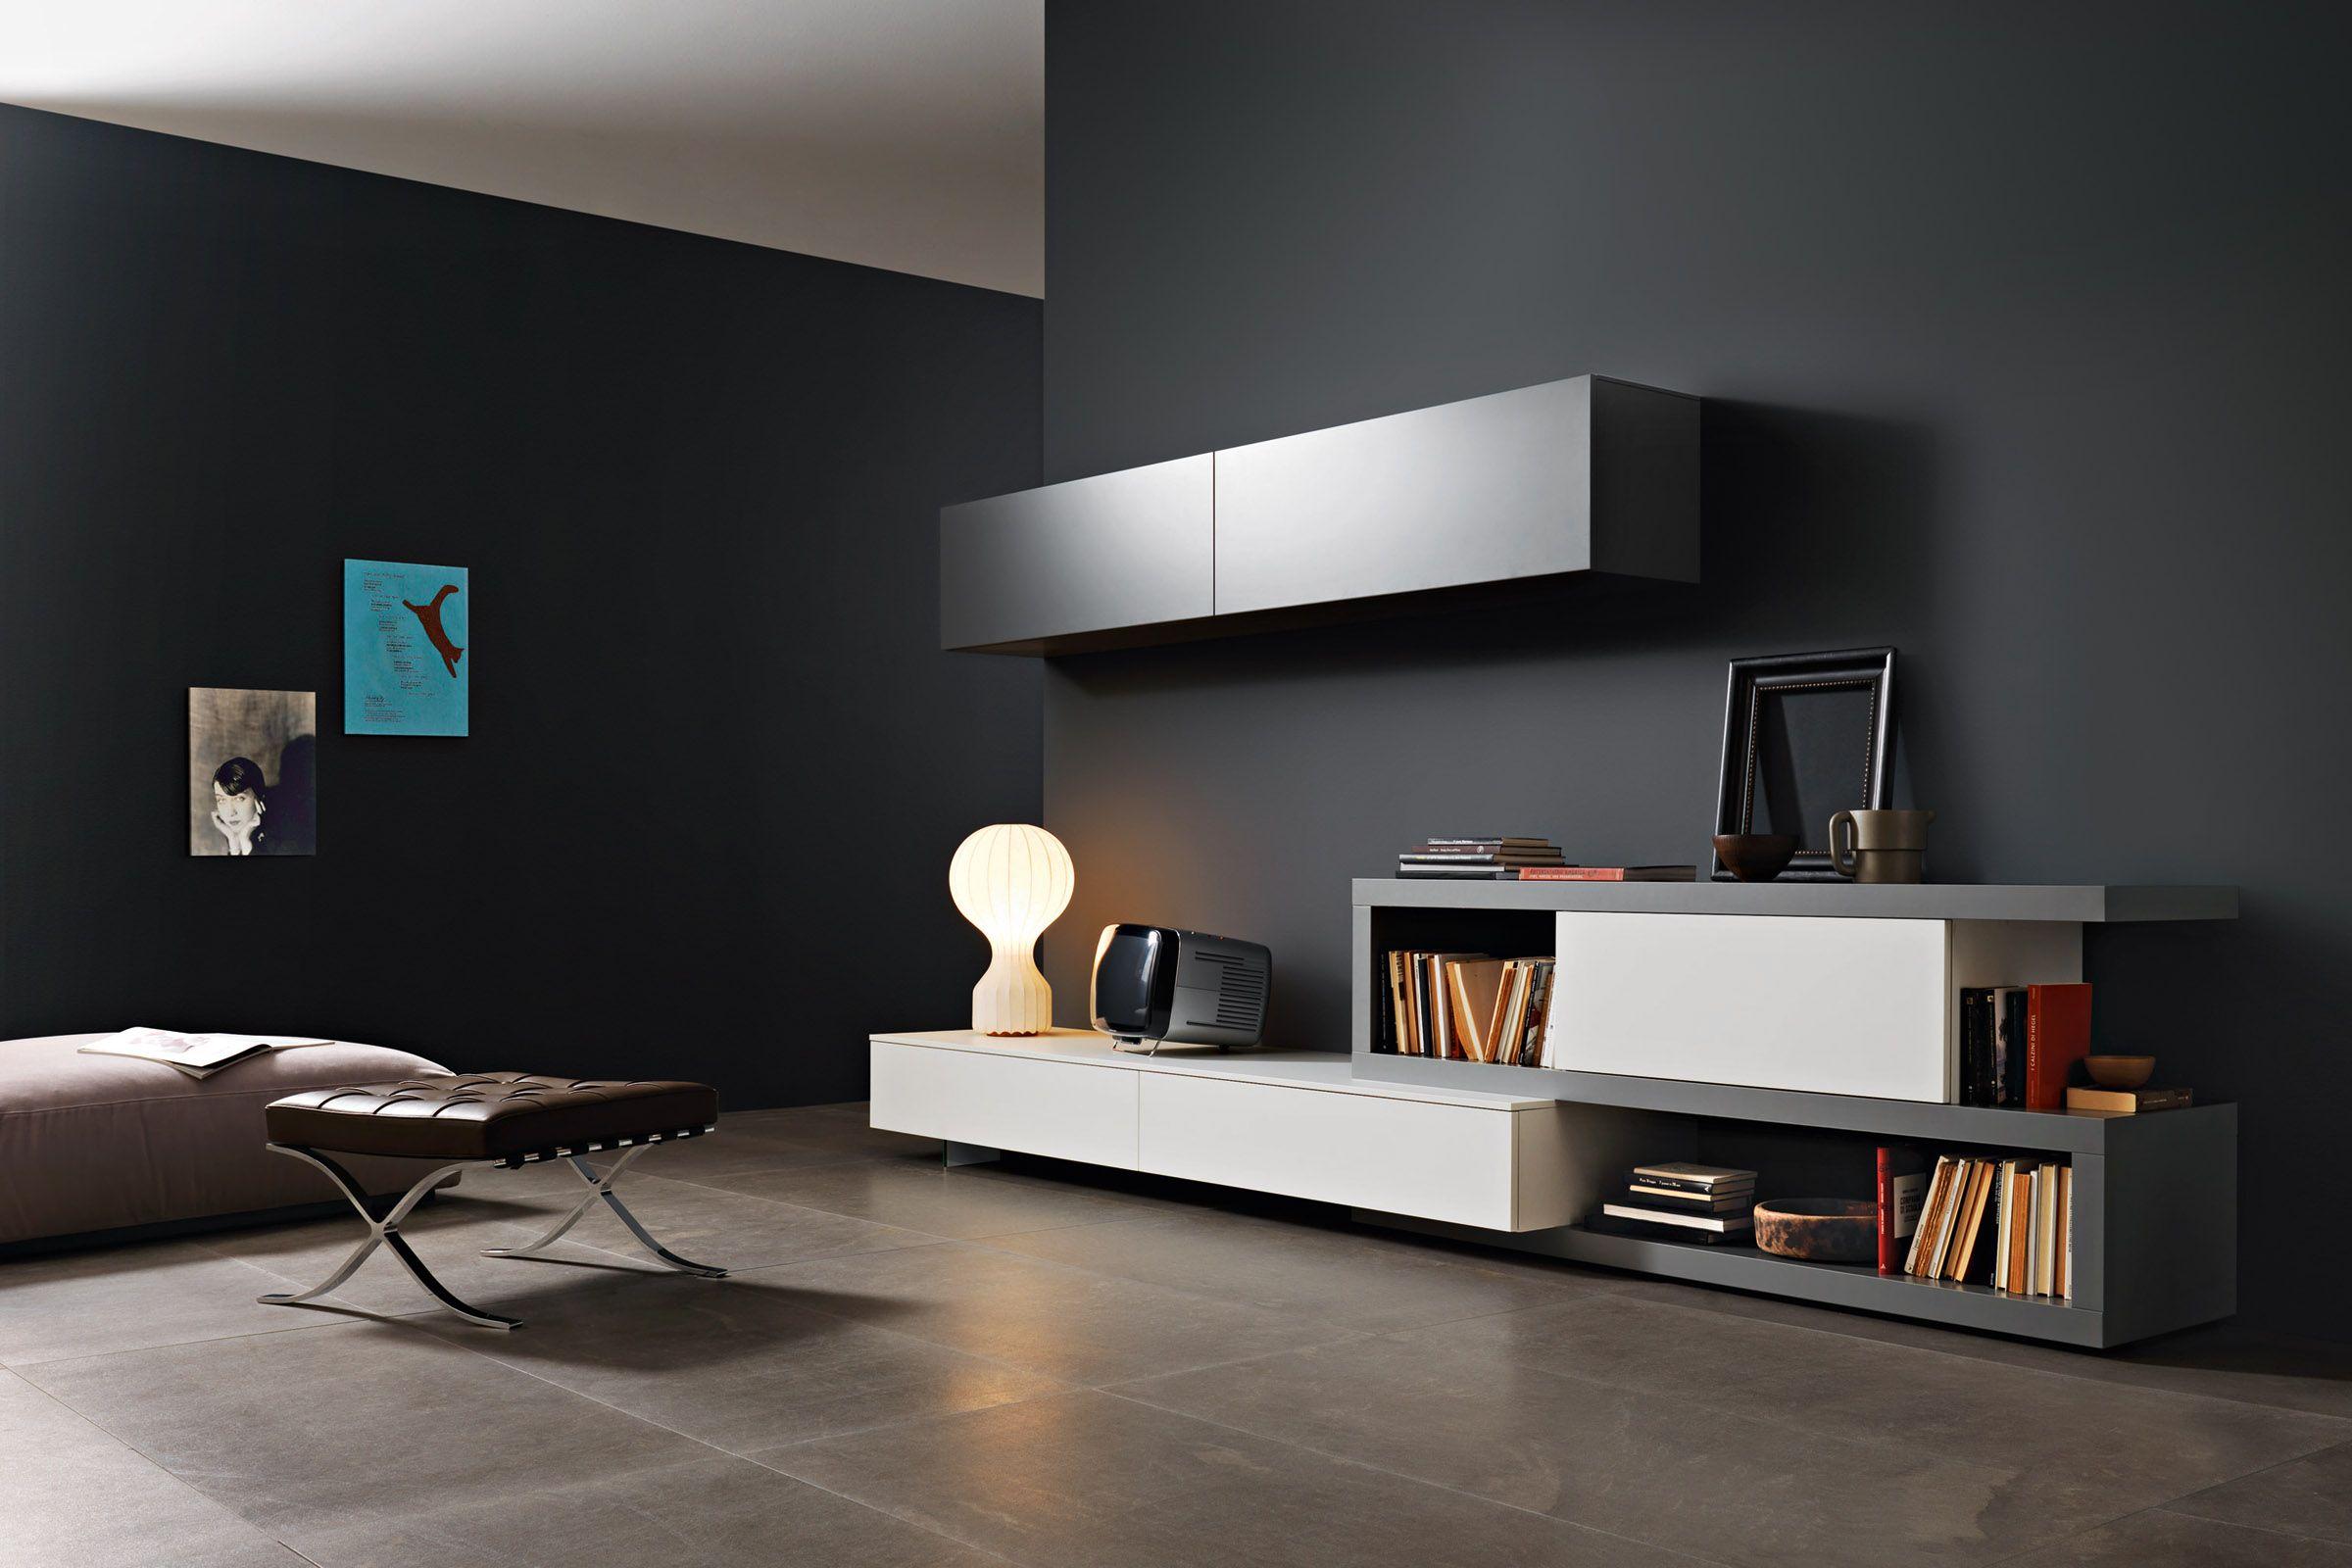 Mobili per soggiorno moderno milano cerca con google for Mobili per sala da pranzo moderni